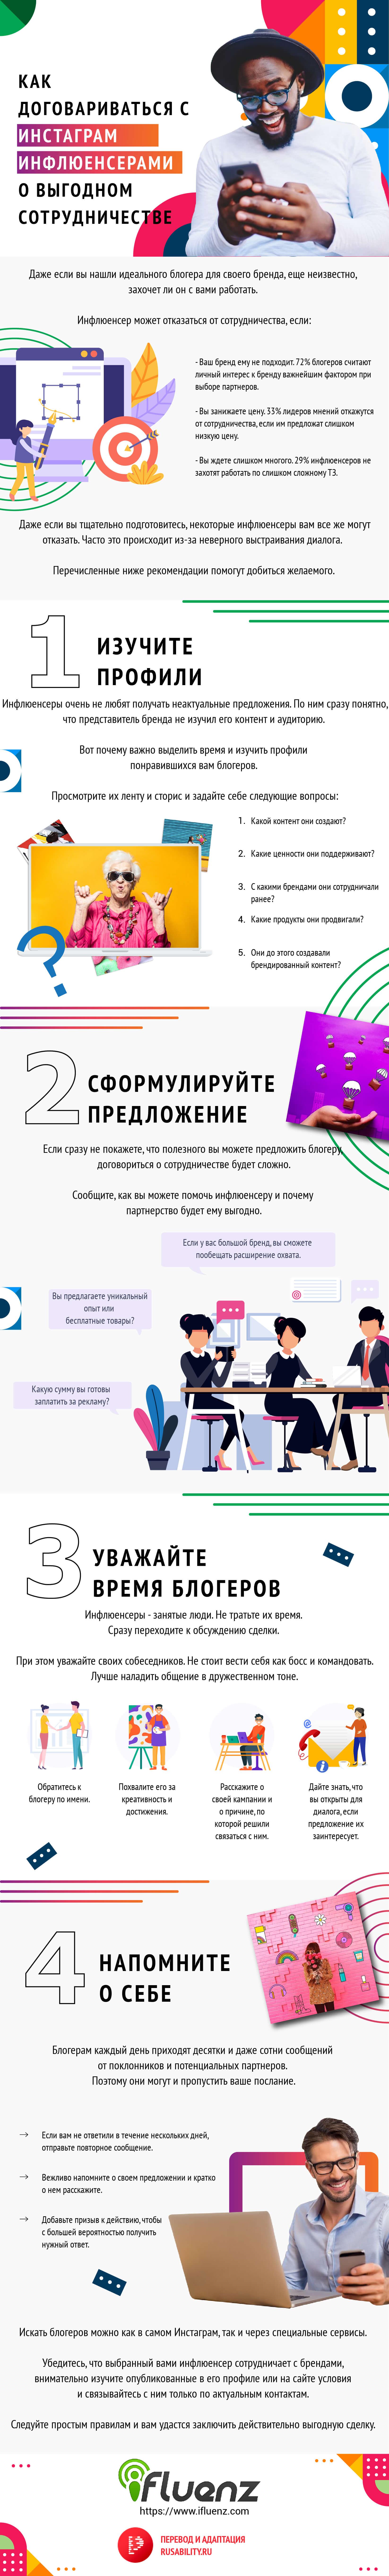 Как договариваться с инстаграм инфлюенсерами о выгодном сотрудничестве. Инфографика